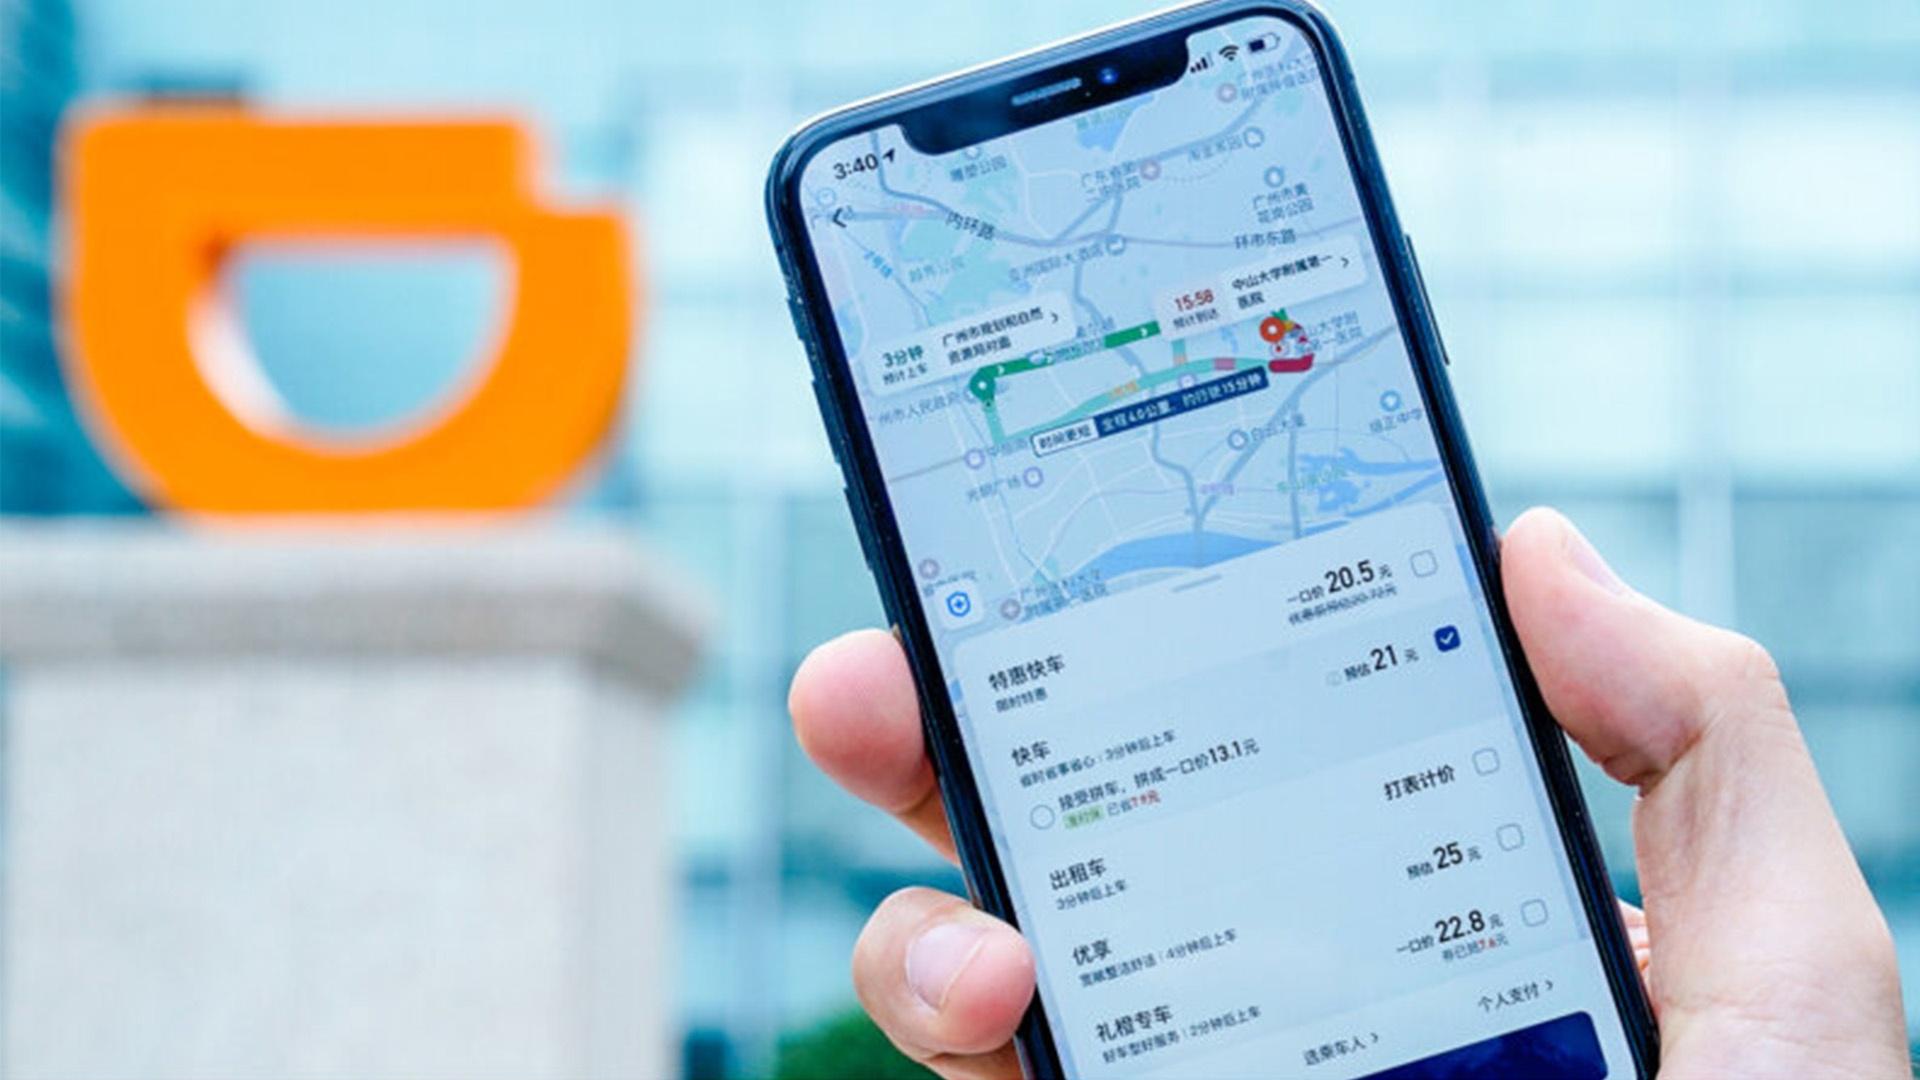 Китайская служба такси DiDi запустится в Украине